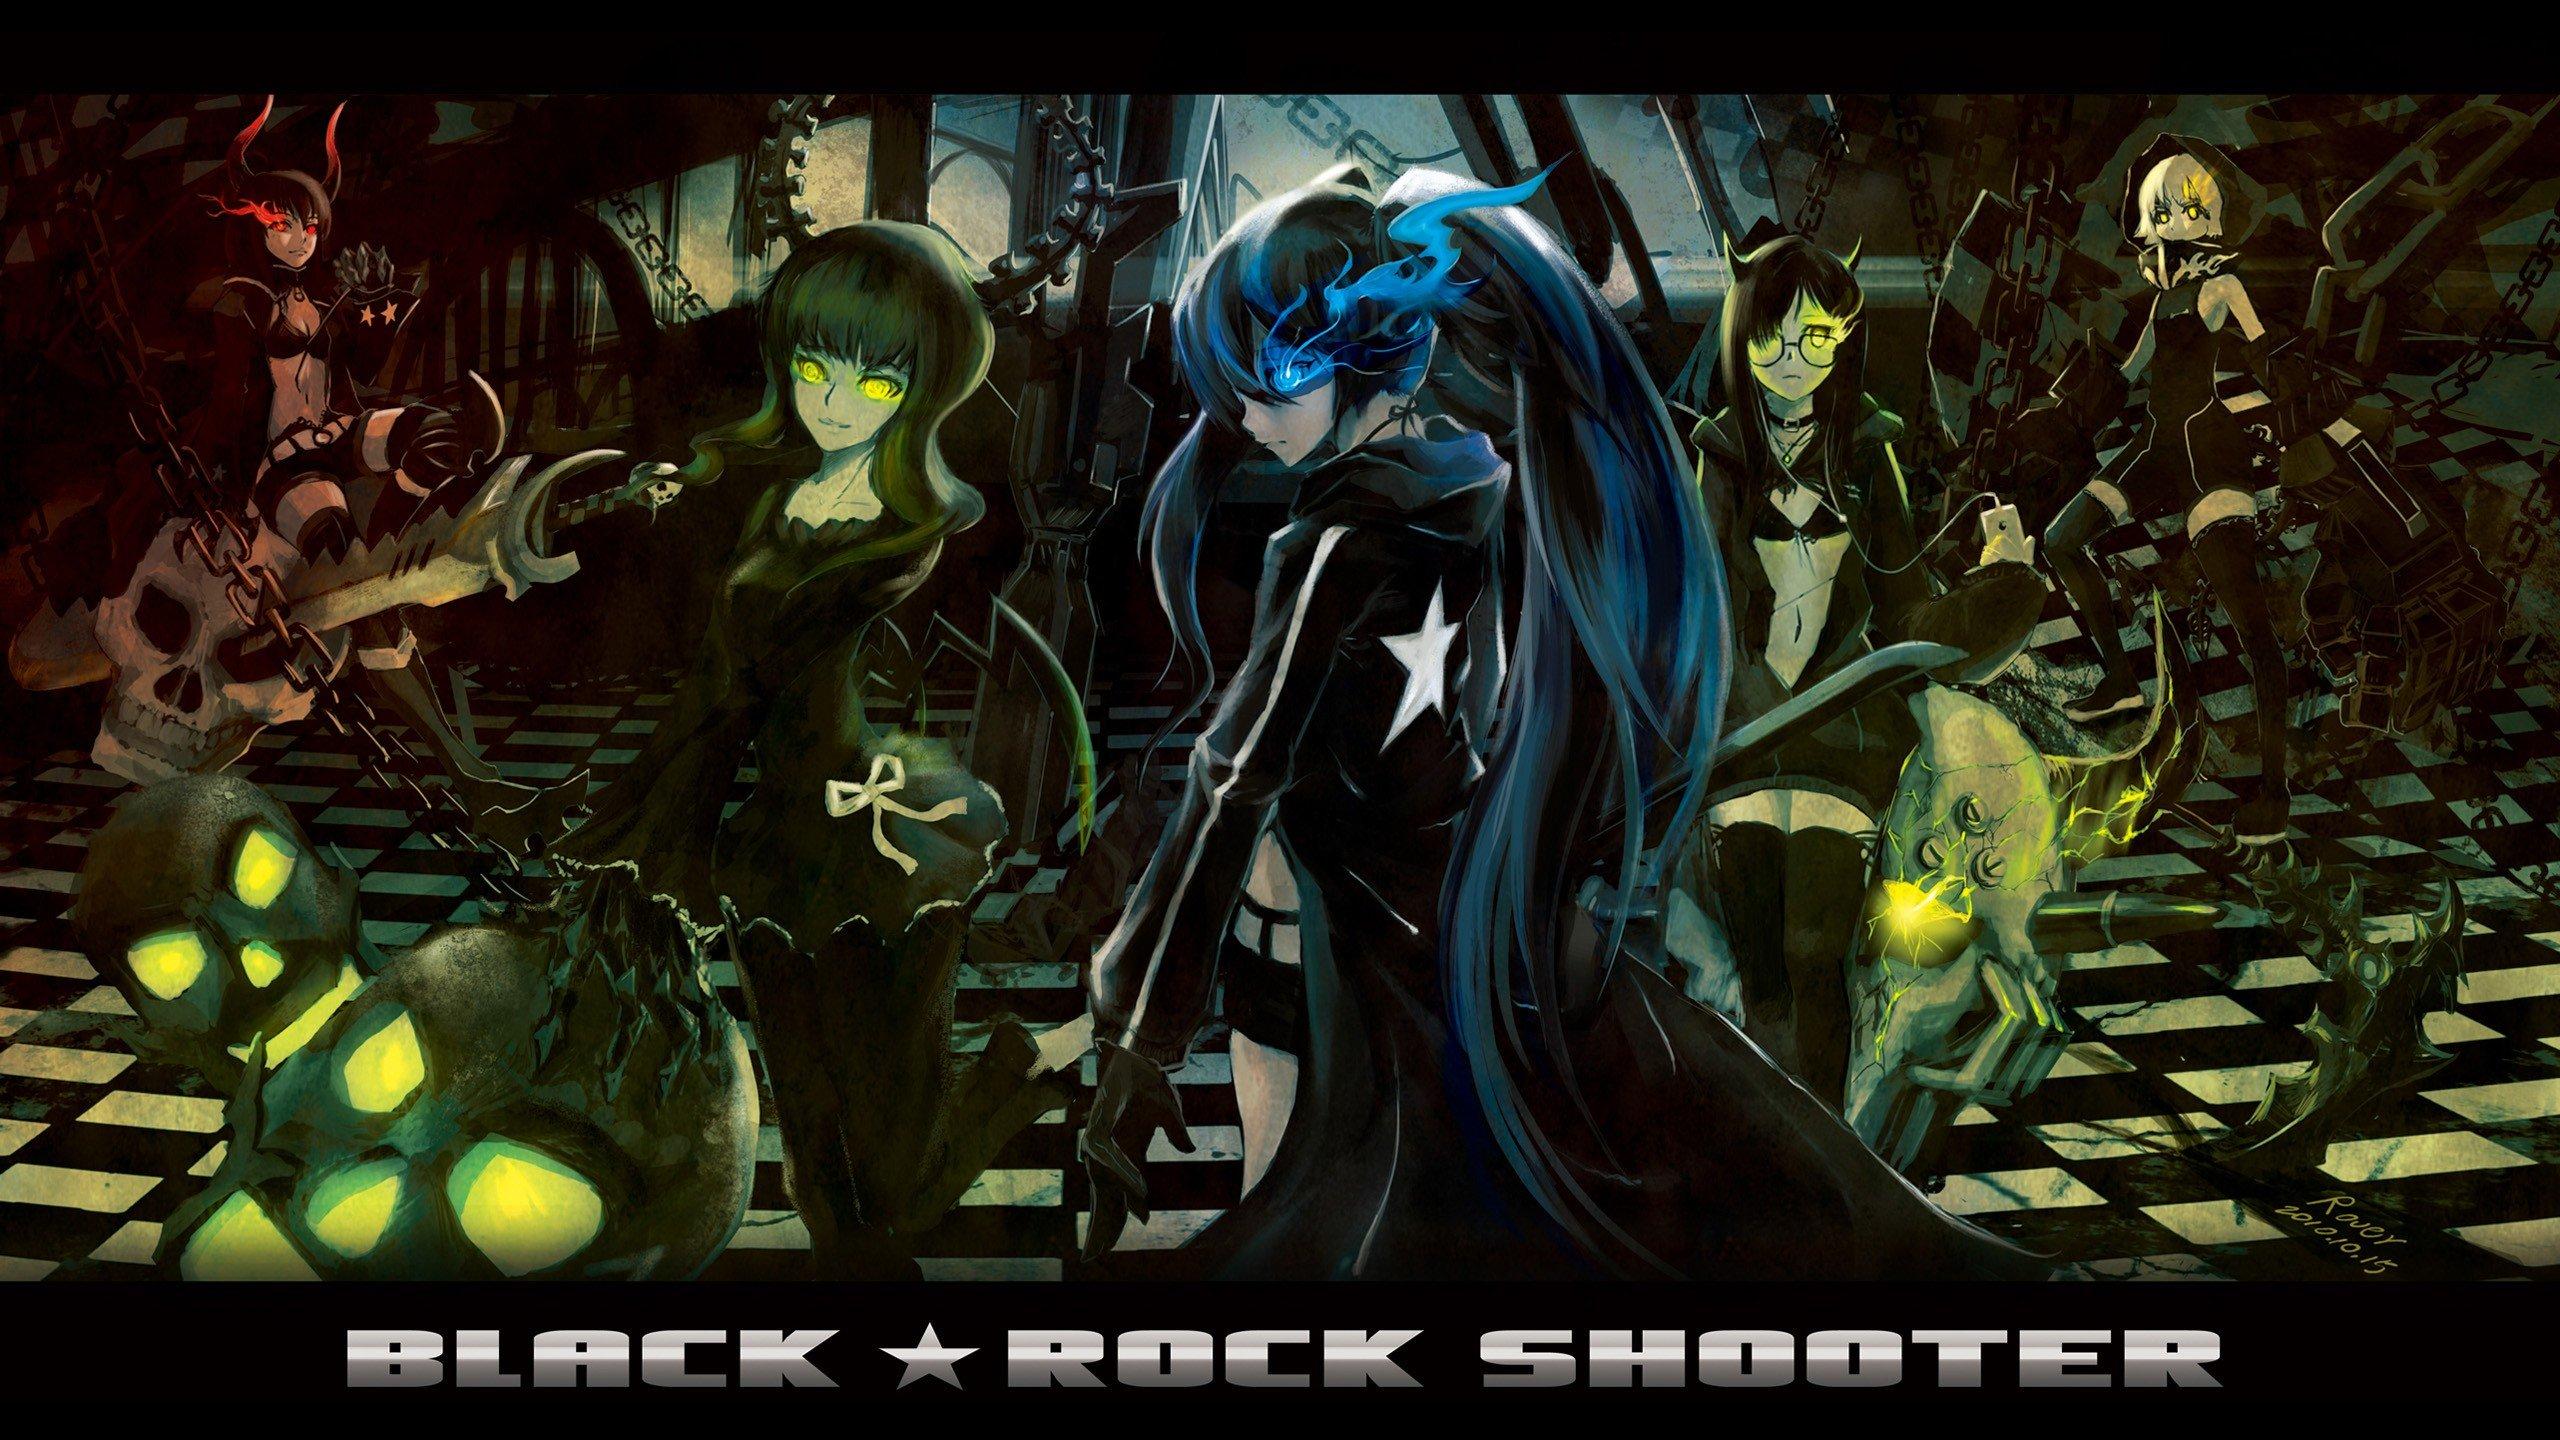 Black Rock Shooter Anime Girls Anime Dead Master Black Gold